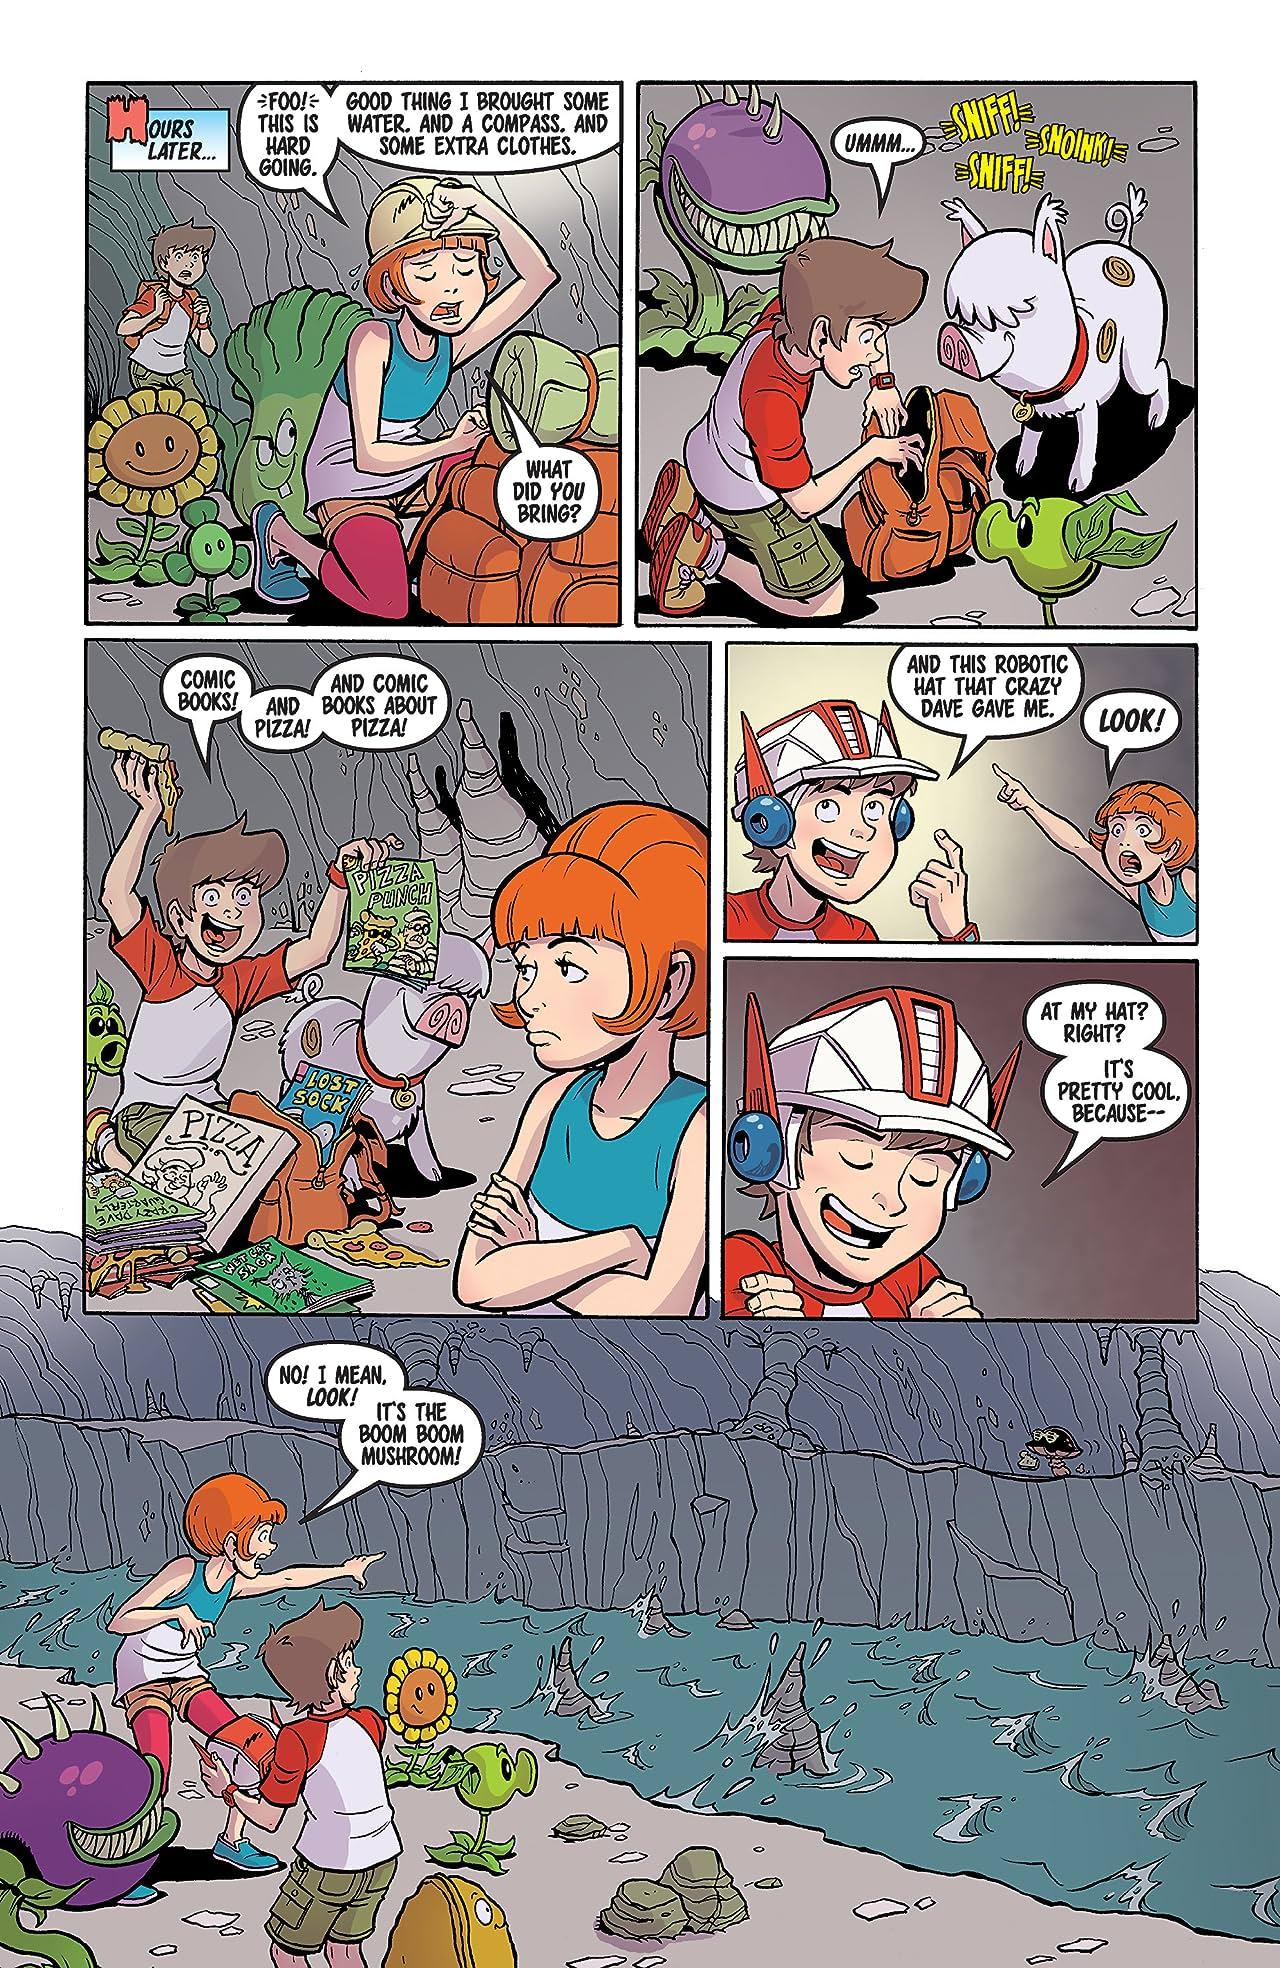 Plants vs. Zombies: Boom Boom Mushroom #11